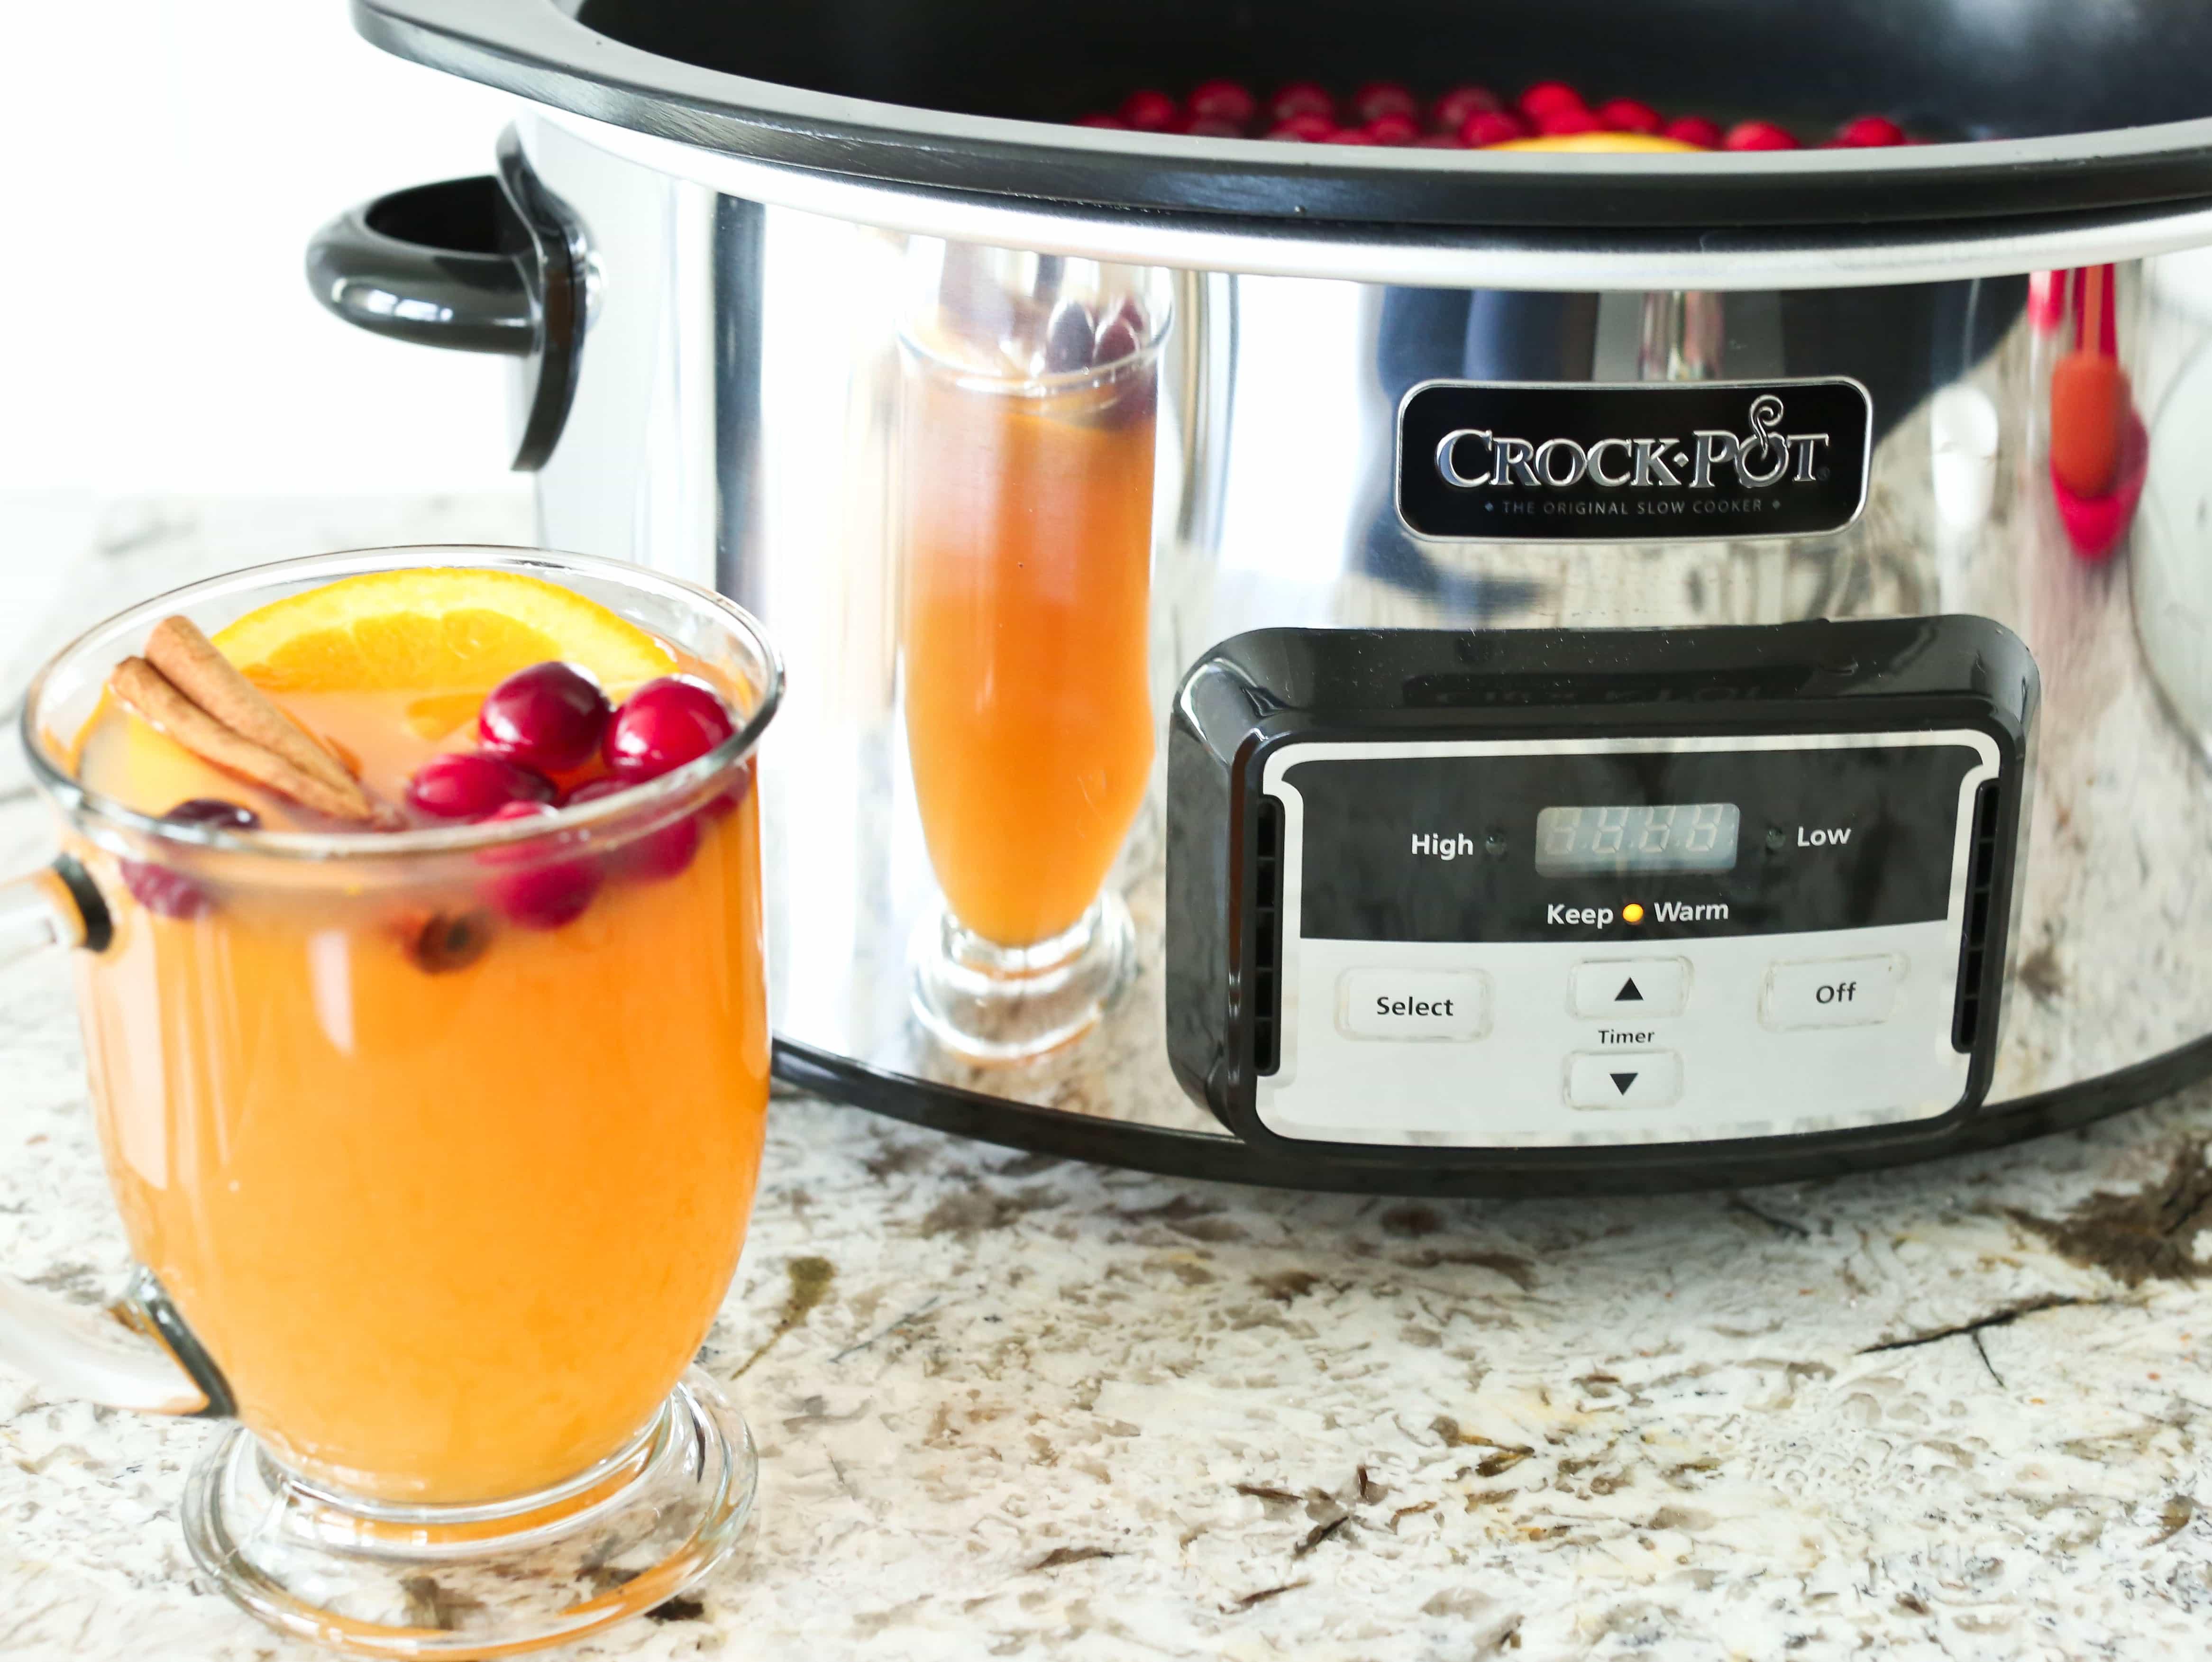 Hot Mulled Apple Cider in the Crock-Pot® Slow Cooker ...